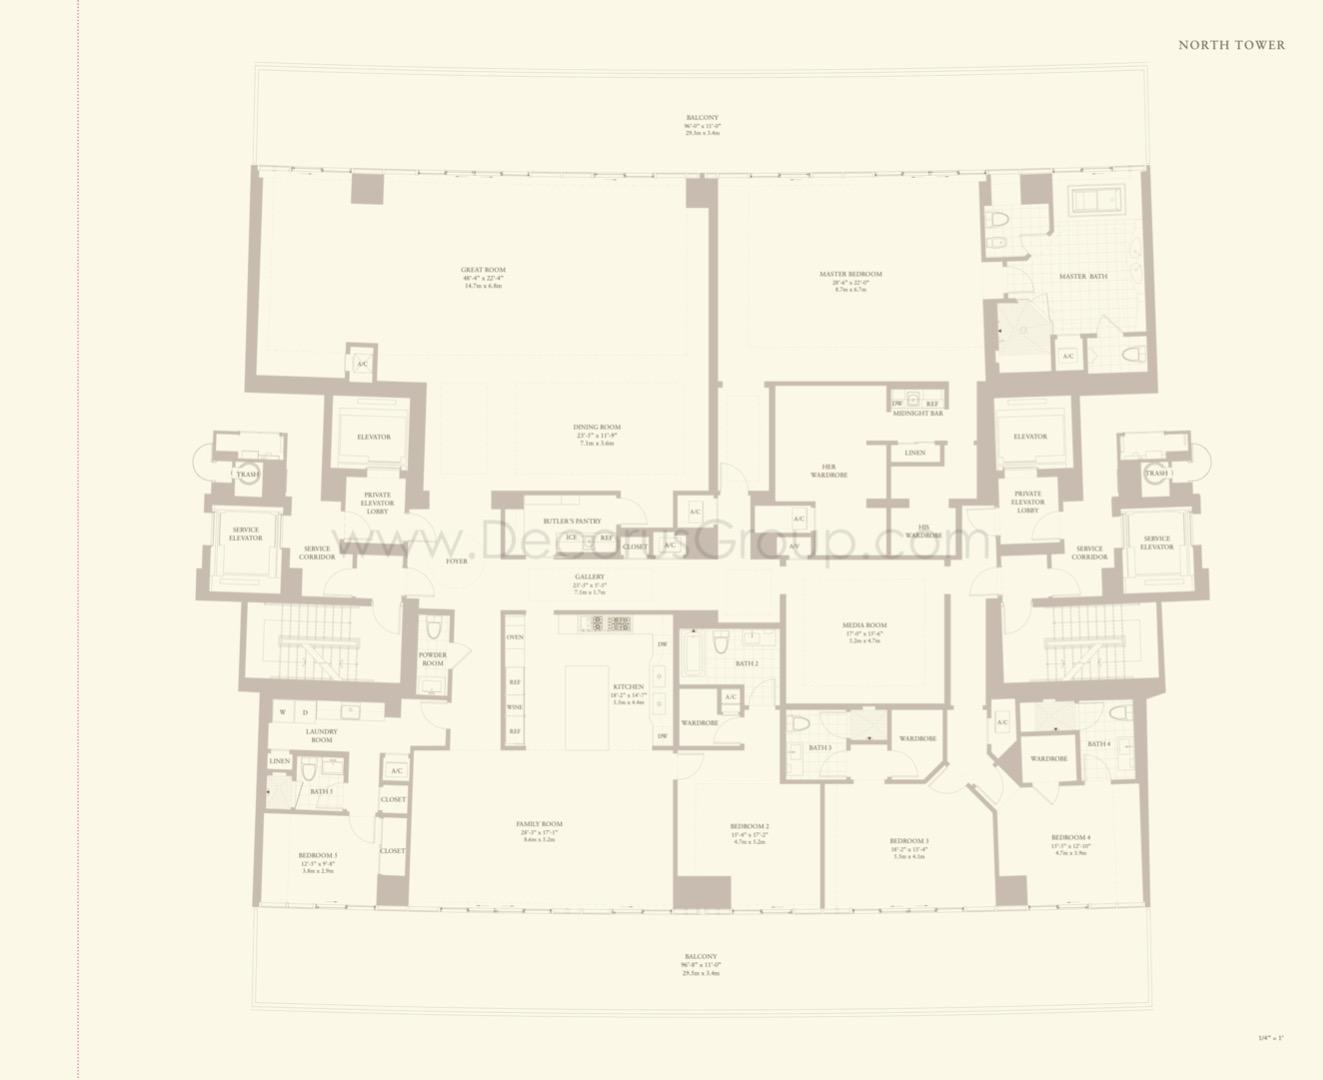 Floor plan image Excelsior - 5/5.5  - 6305 sqft image